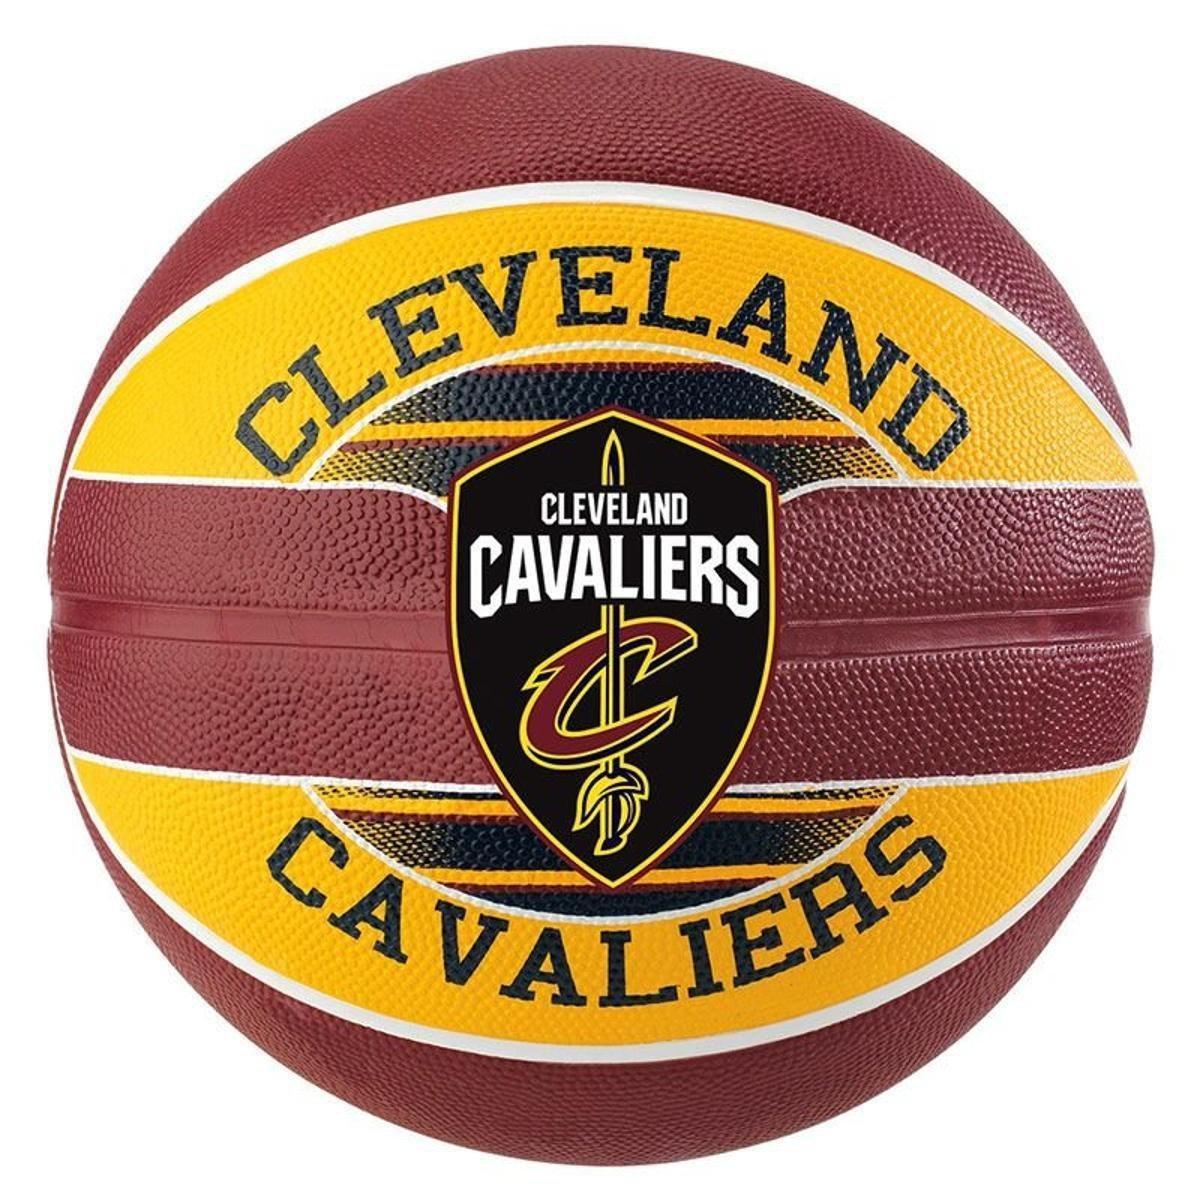 ecb9e1895 Bola de Basquete Spalding NBA Cleveland Cavaliers Team - Marrom e Amarelo -  Compre Agora